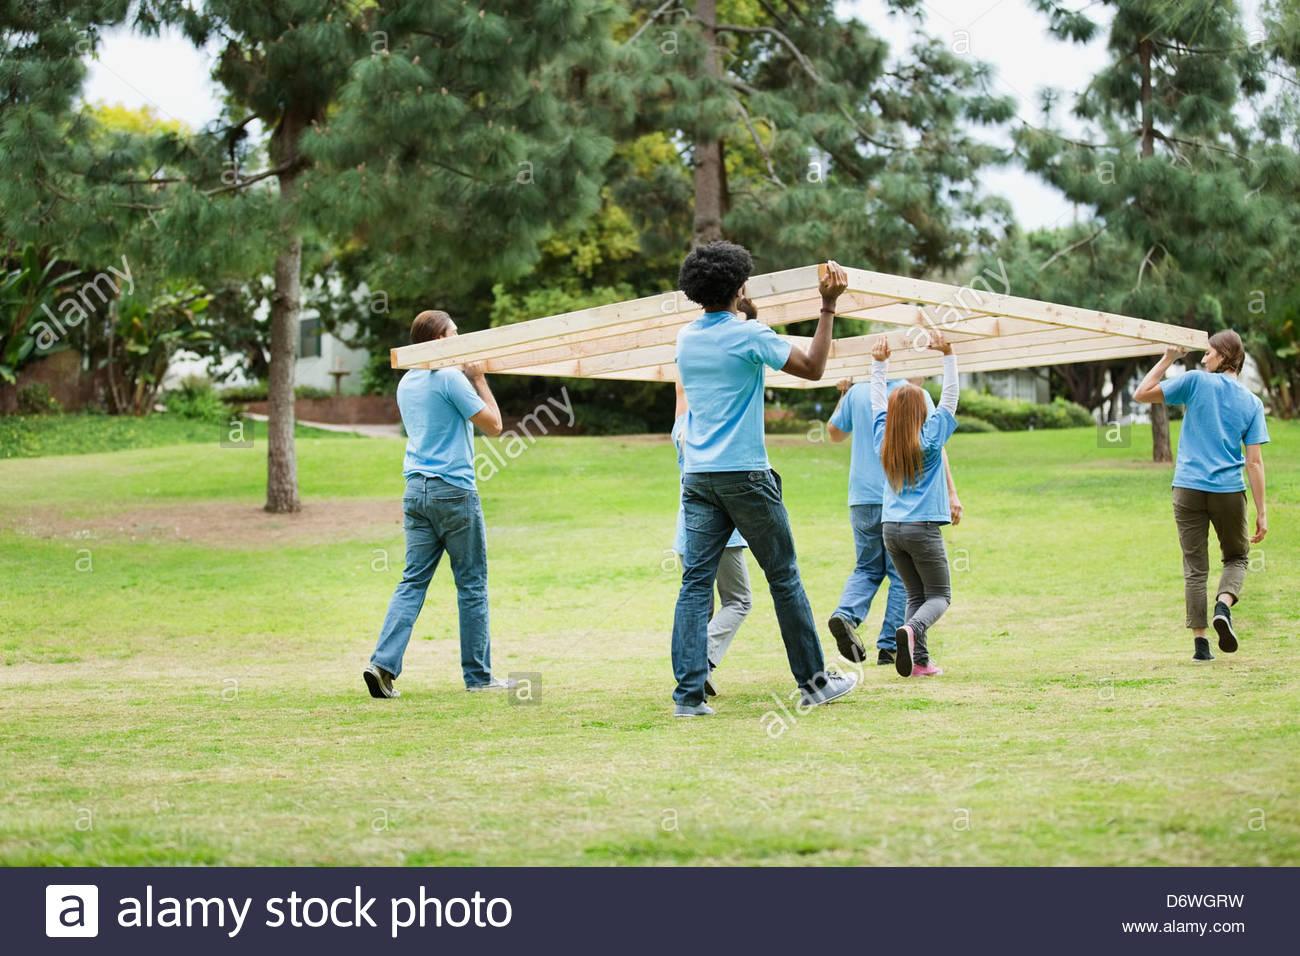 Vista trasera de voluntarios llevando armadura de madera en el parque Imagen De Stock